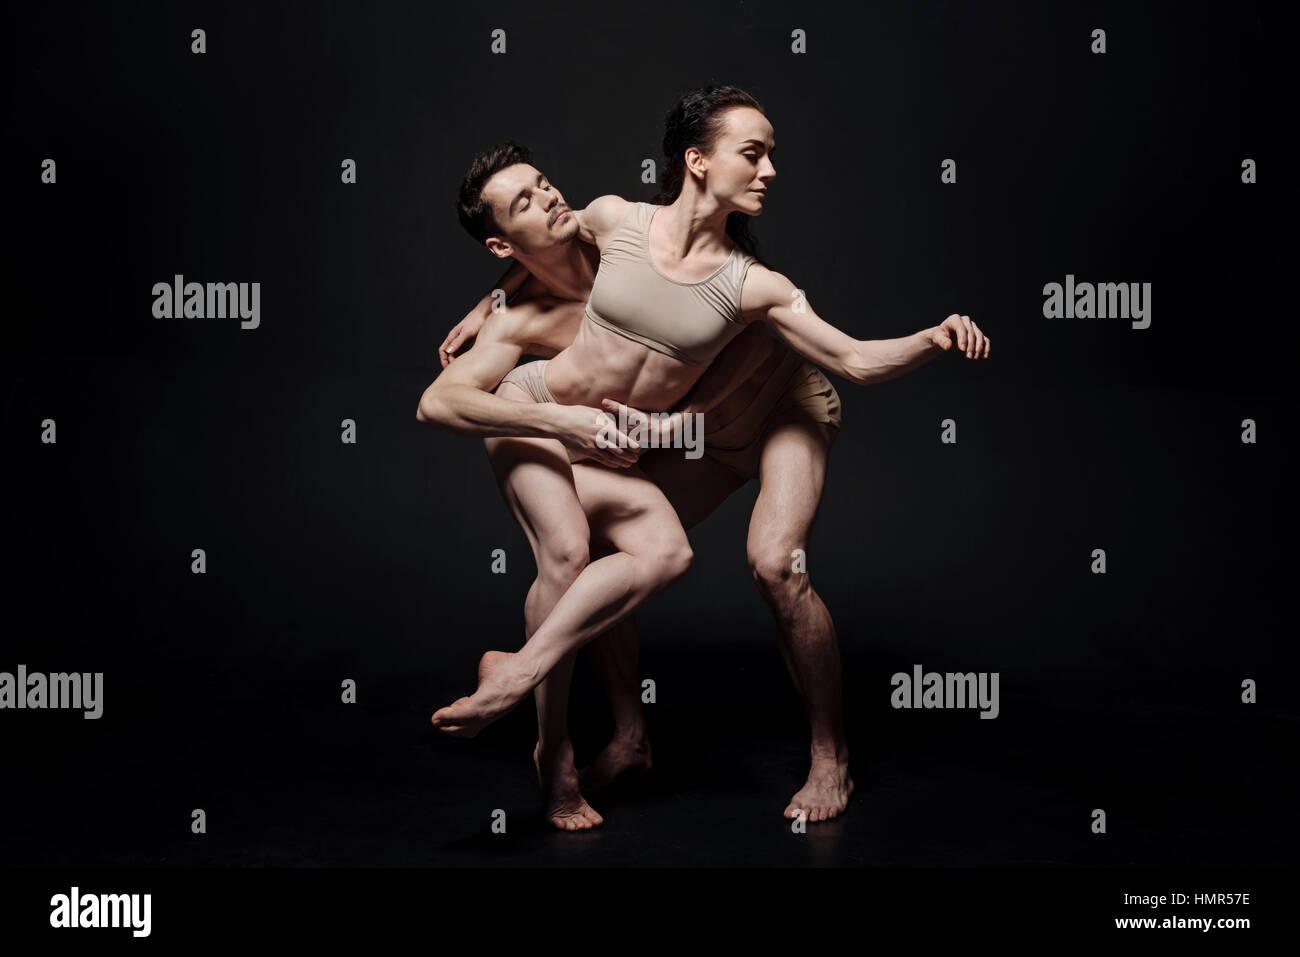 Entusiastas bailarines actuando juntos en el studio Foto de stock